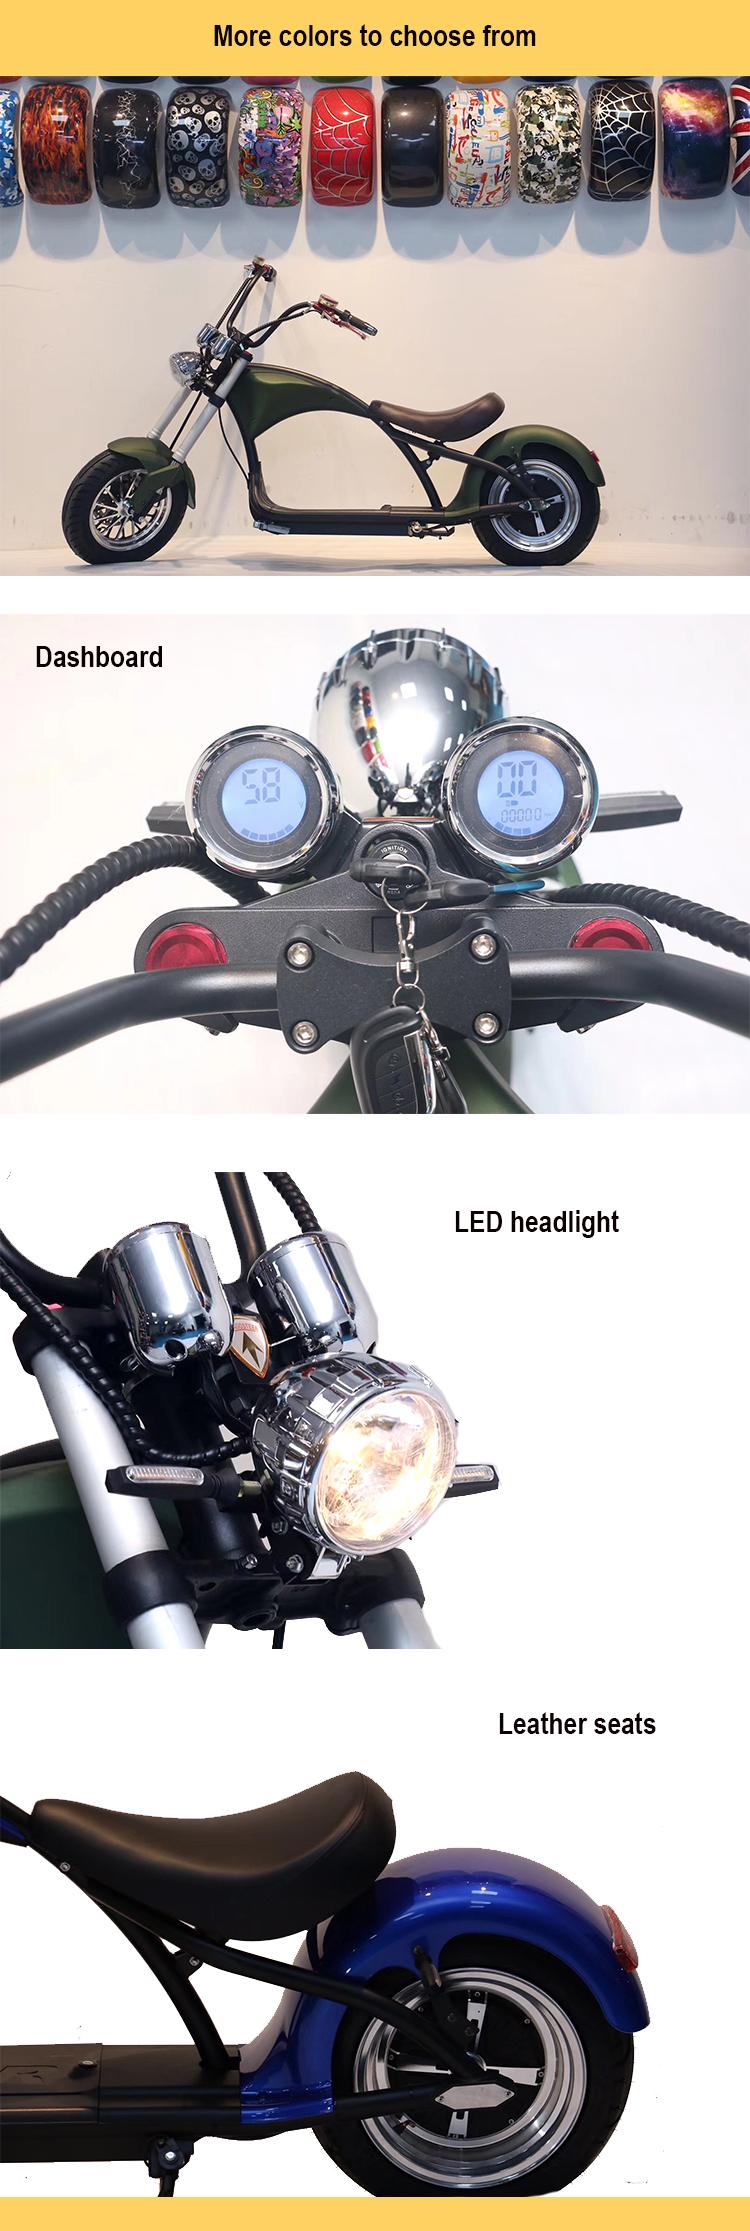 Vente chaude scooter électrique avec 60v1500w pour adultes, nouveau design moto électrique avec CE 1500w gros pneu scooter électrique